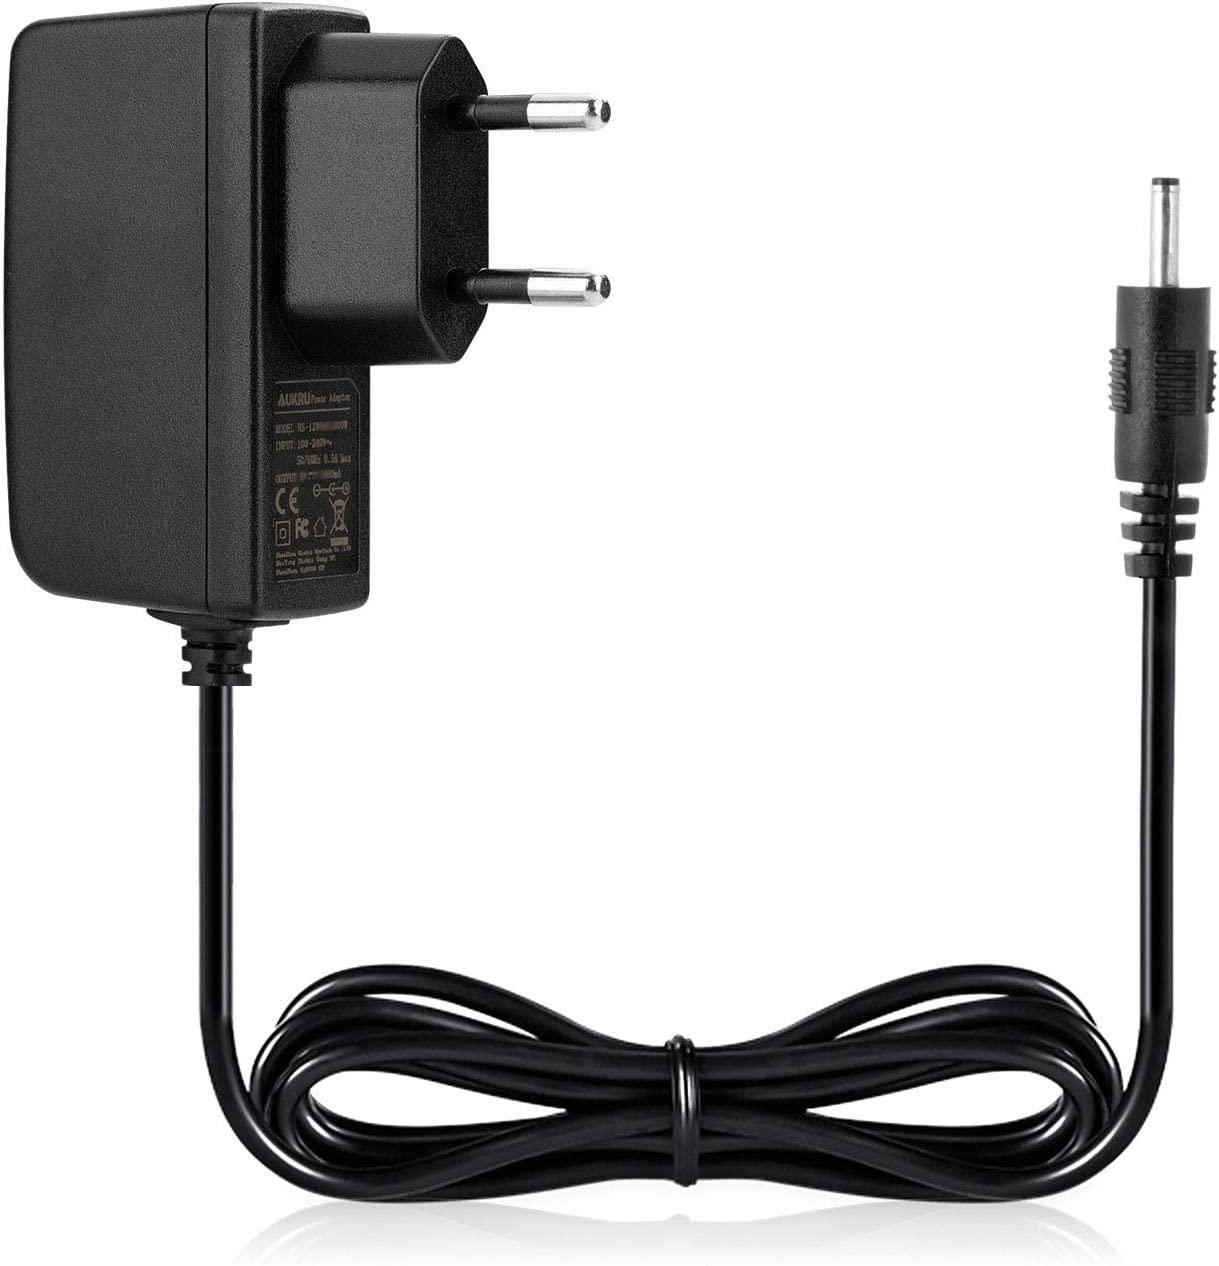 Aukru® EU Fuente de alimentación 5V 2A 2.5mm cargador Adaptador 2.5mm x 0.8mm universal para Android Tablet PC